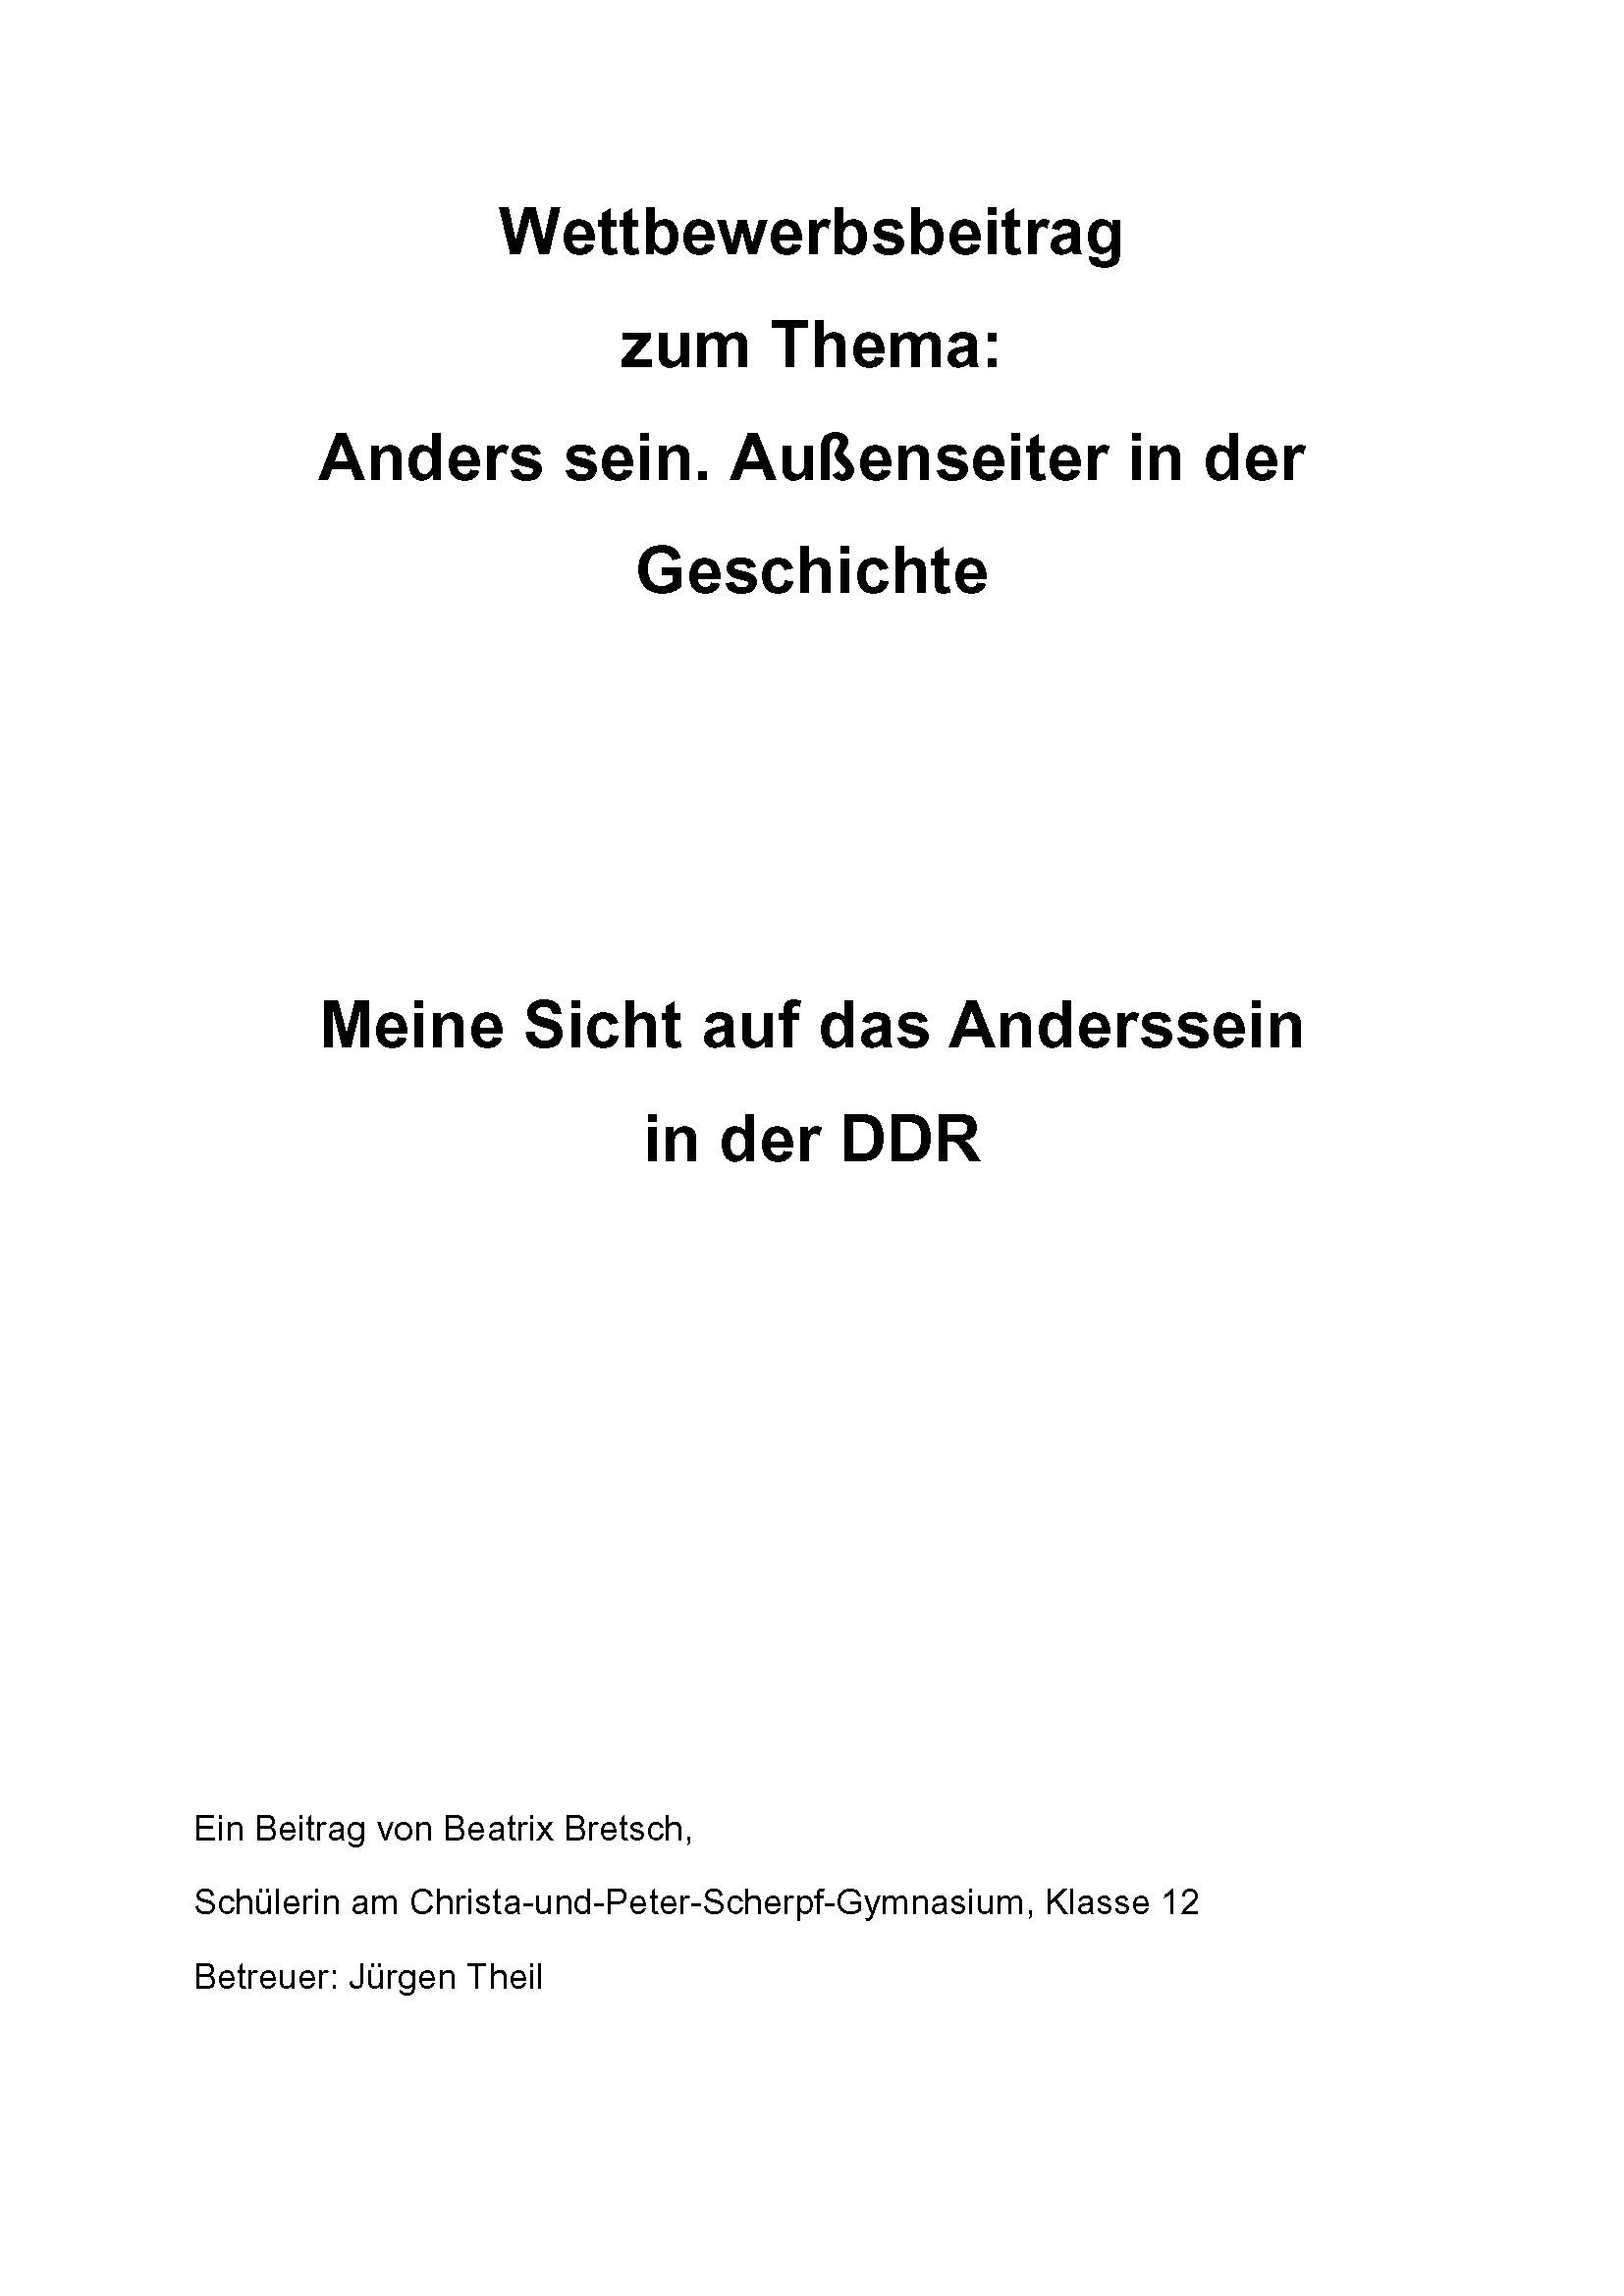 Beatrix Bretsch, Meine Sicht auf das Anderssein in der DDR.